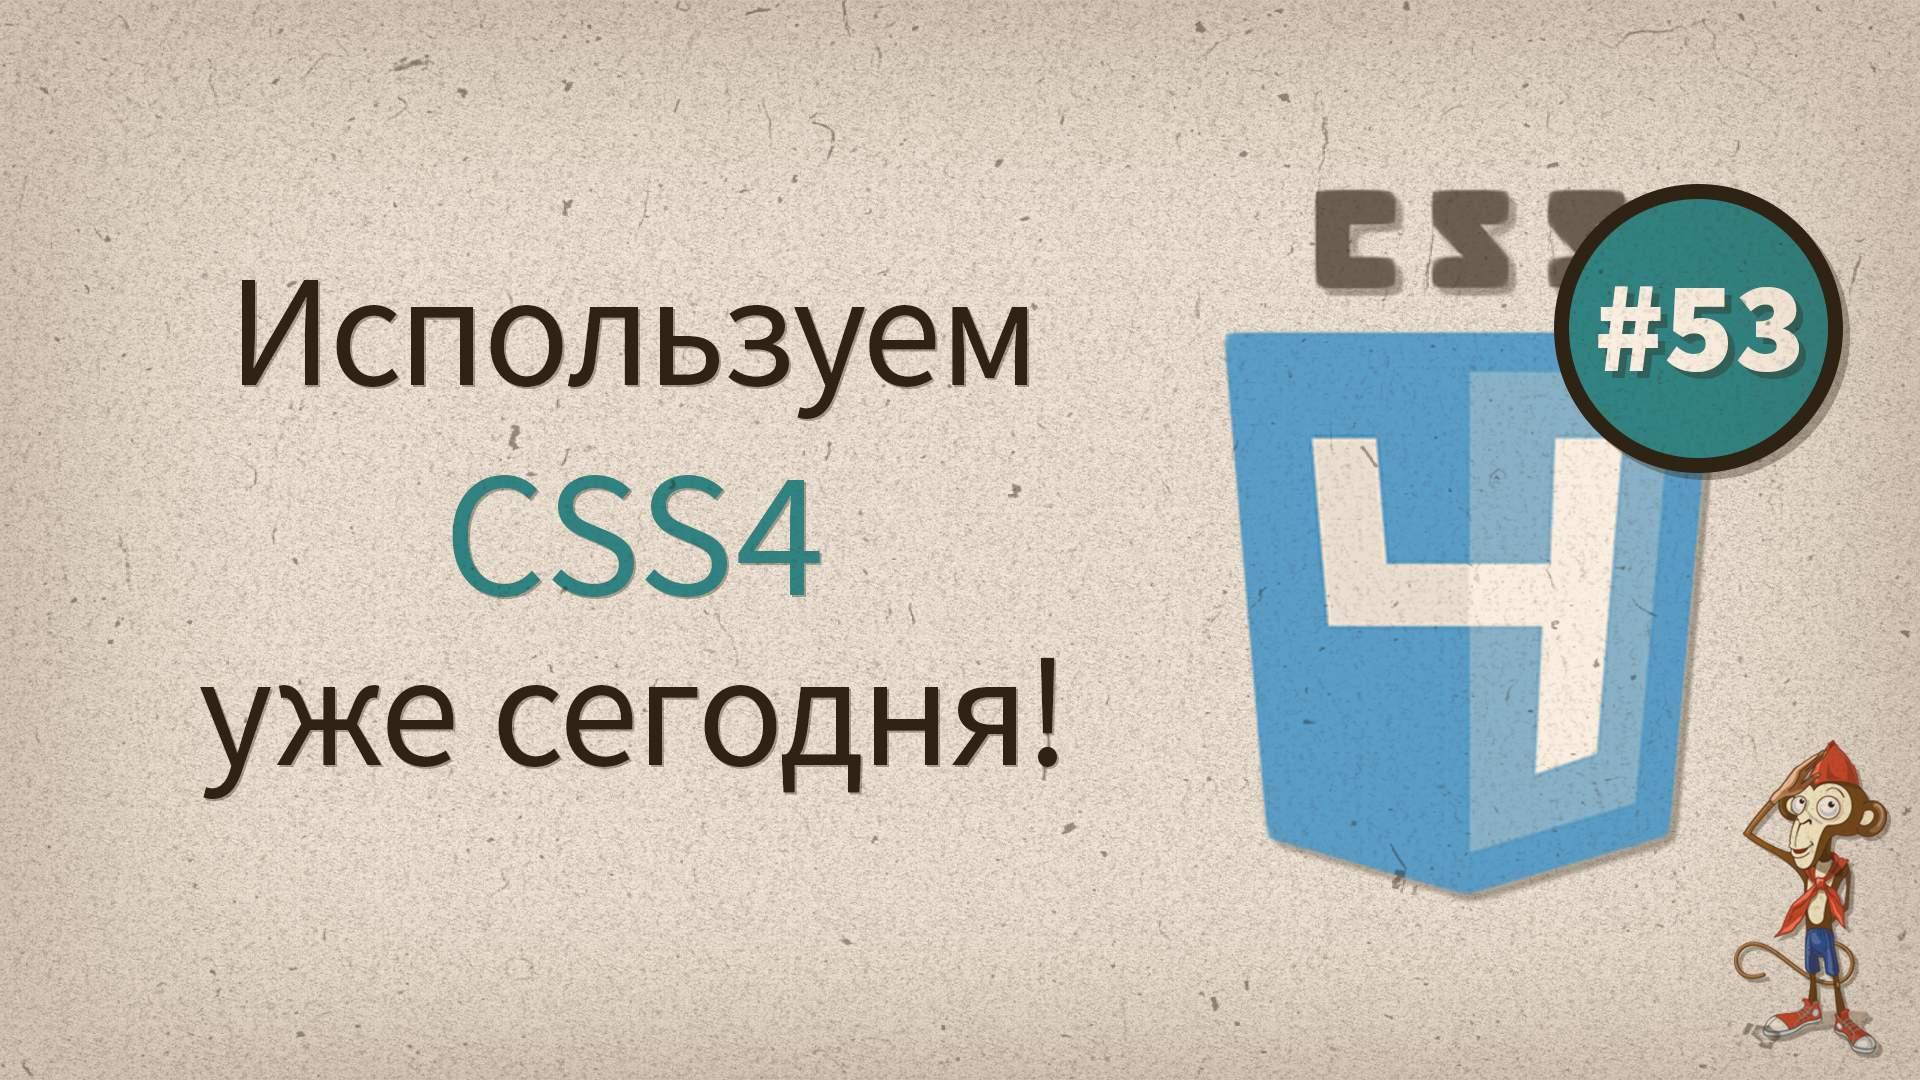 Что нового в CSS4 модулях?